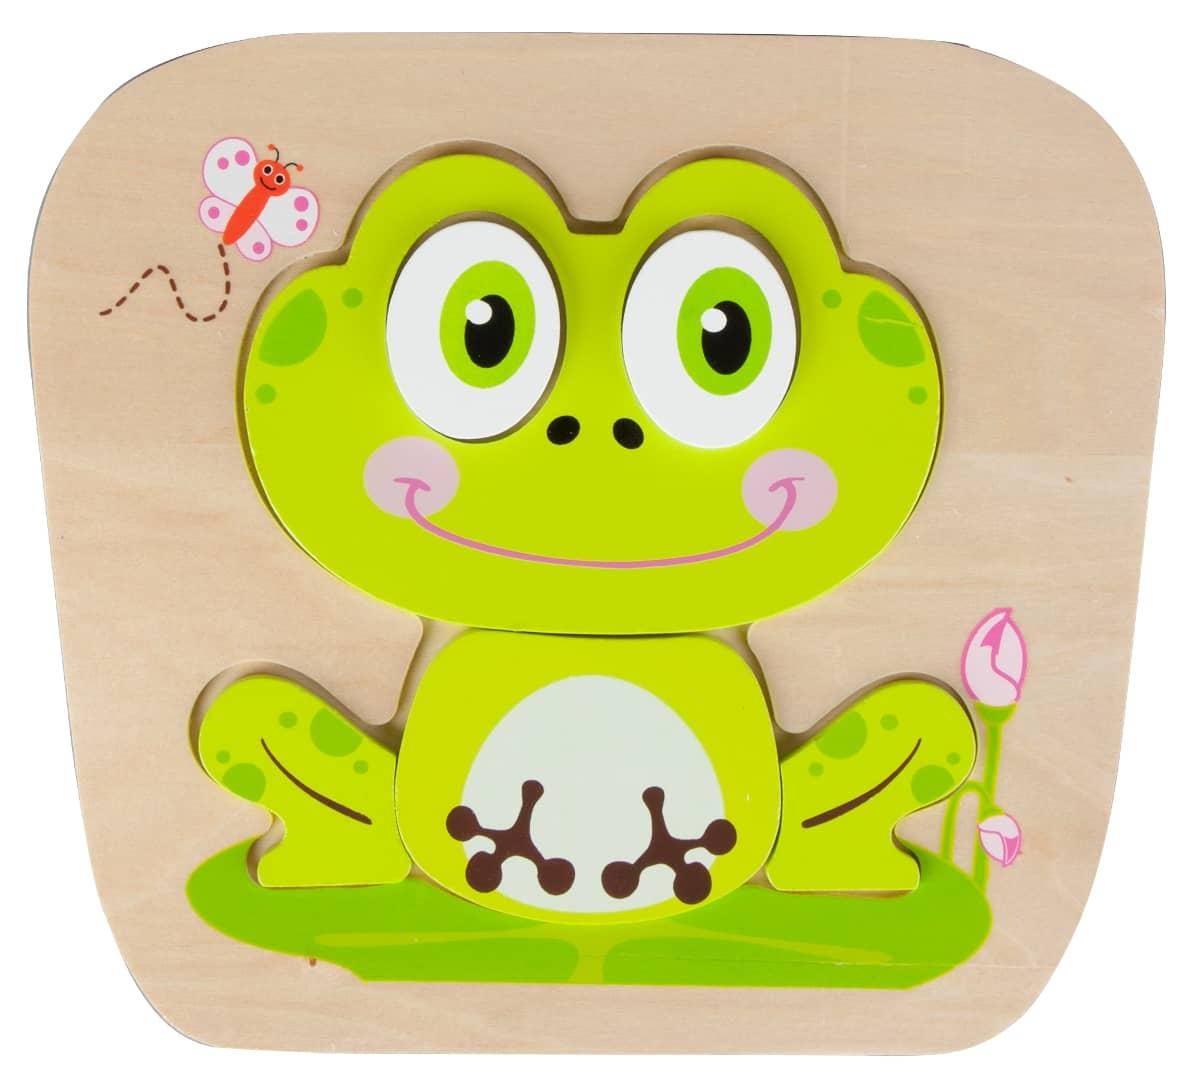 Holz Puzzle Frosch gu00fcnstig online kaufen : MIFUS.de